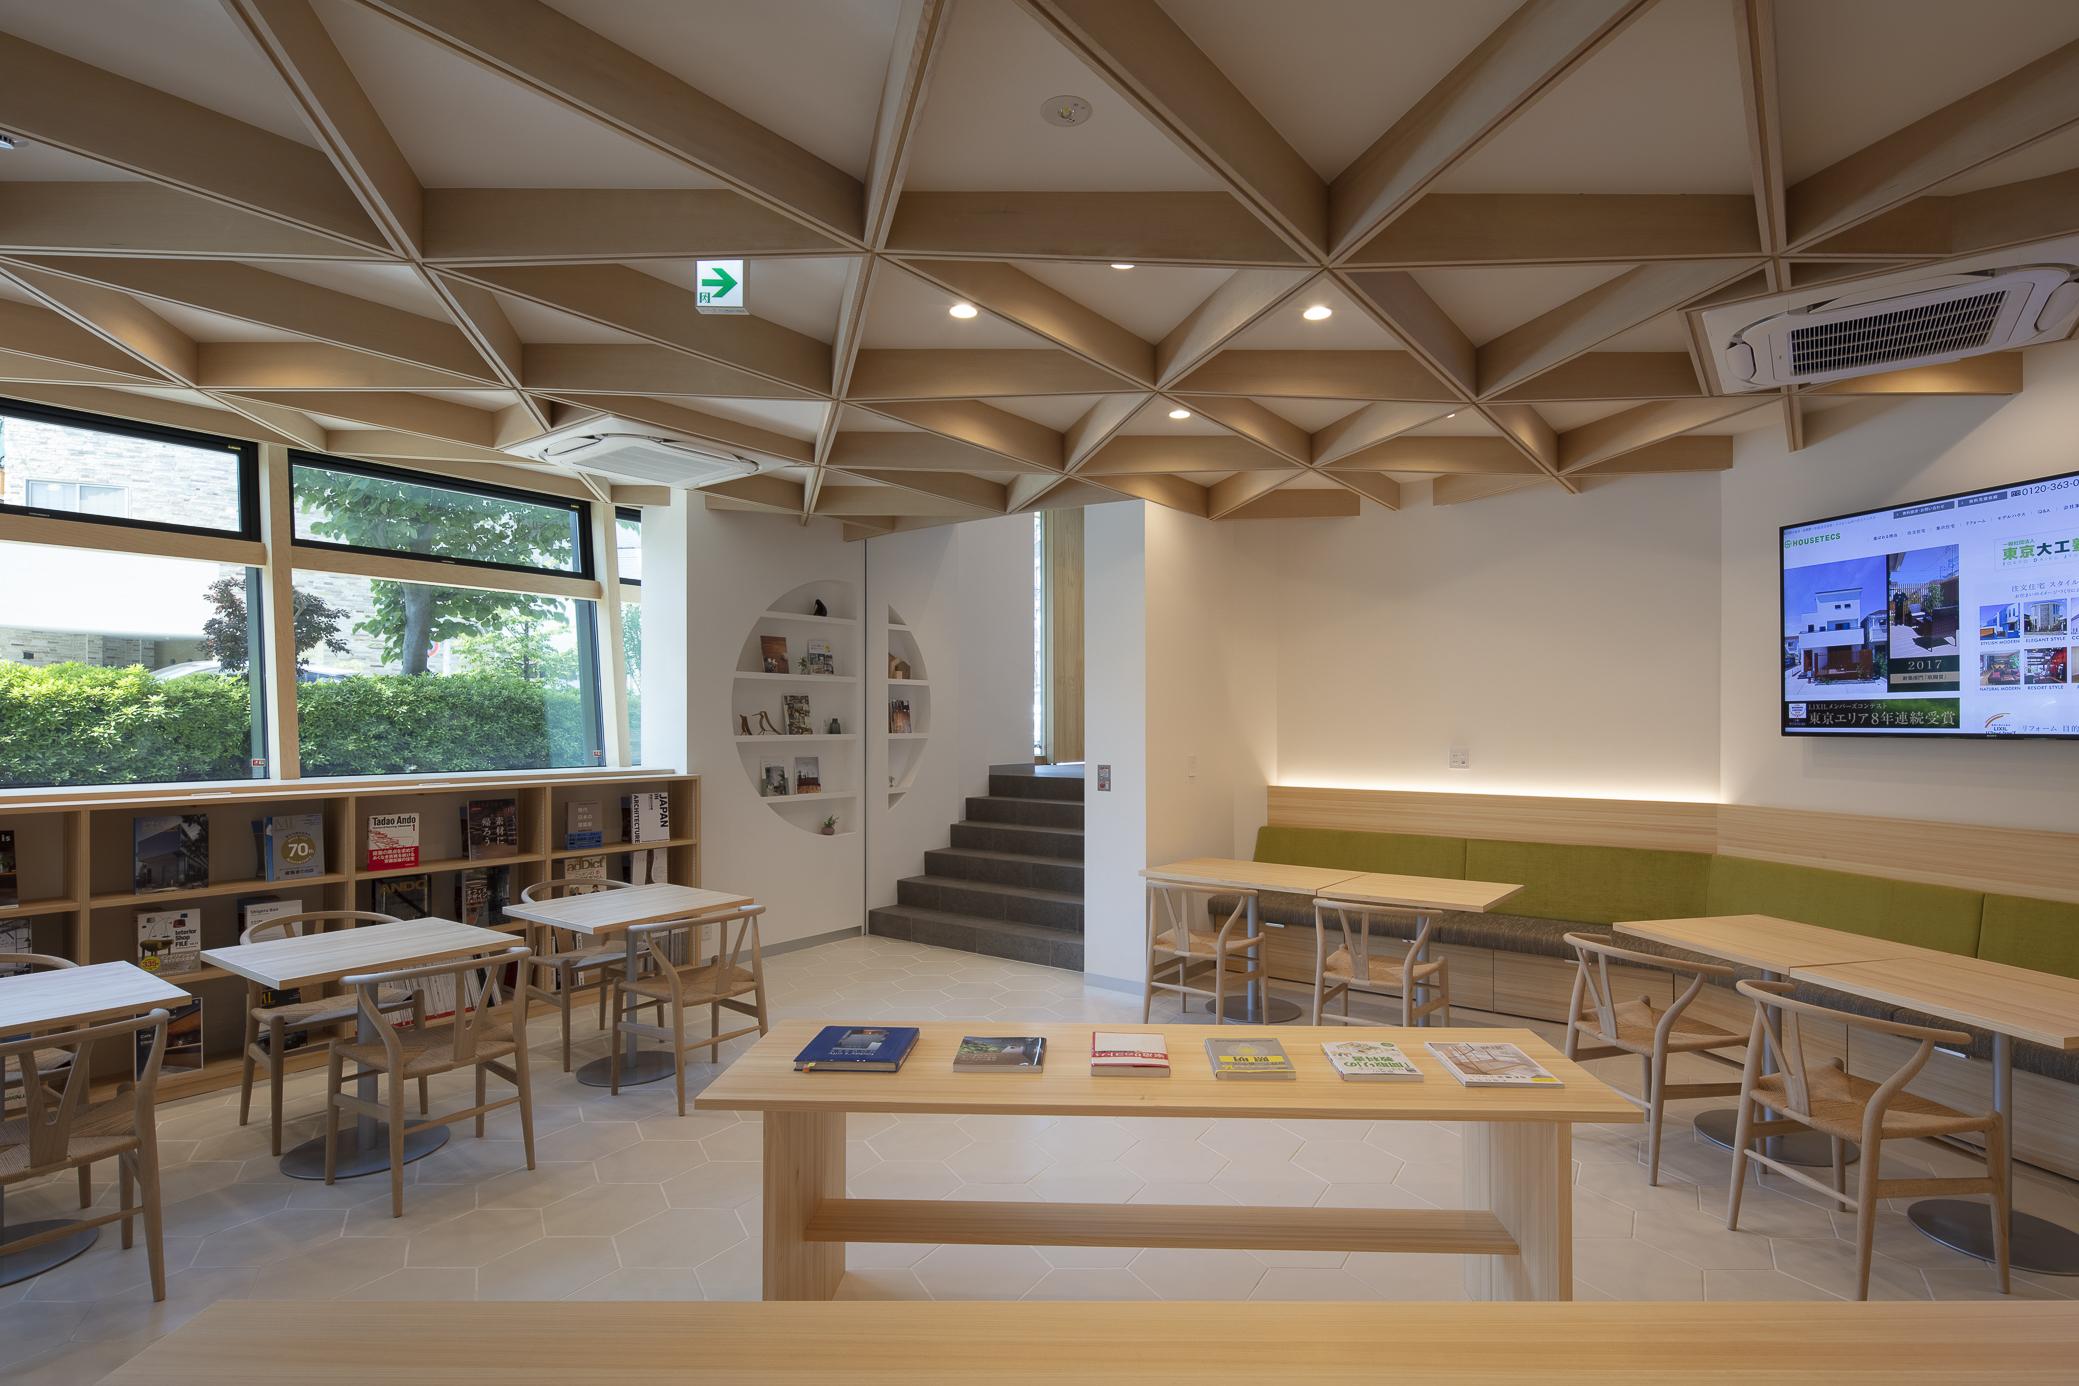 1階のギャラリーは天井は大工の造作による組木仕上げ